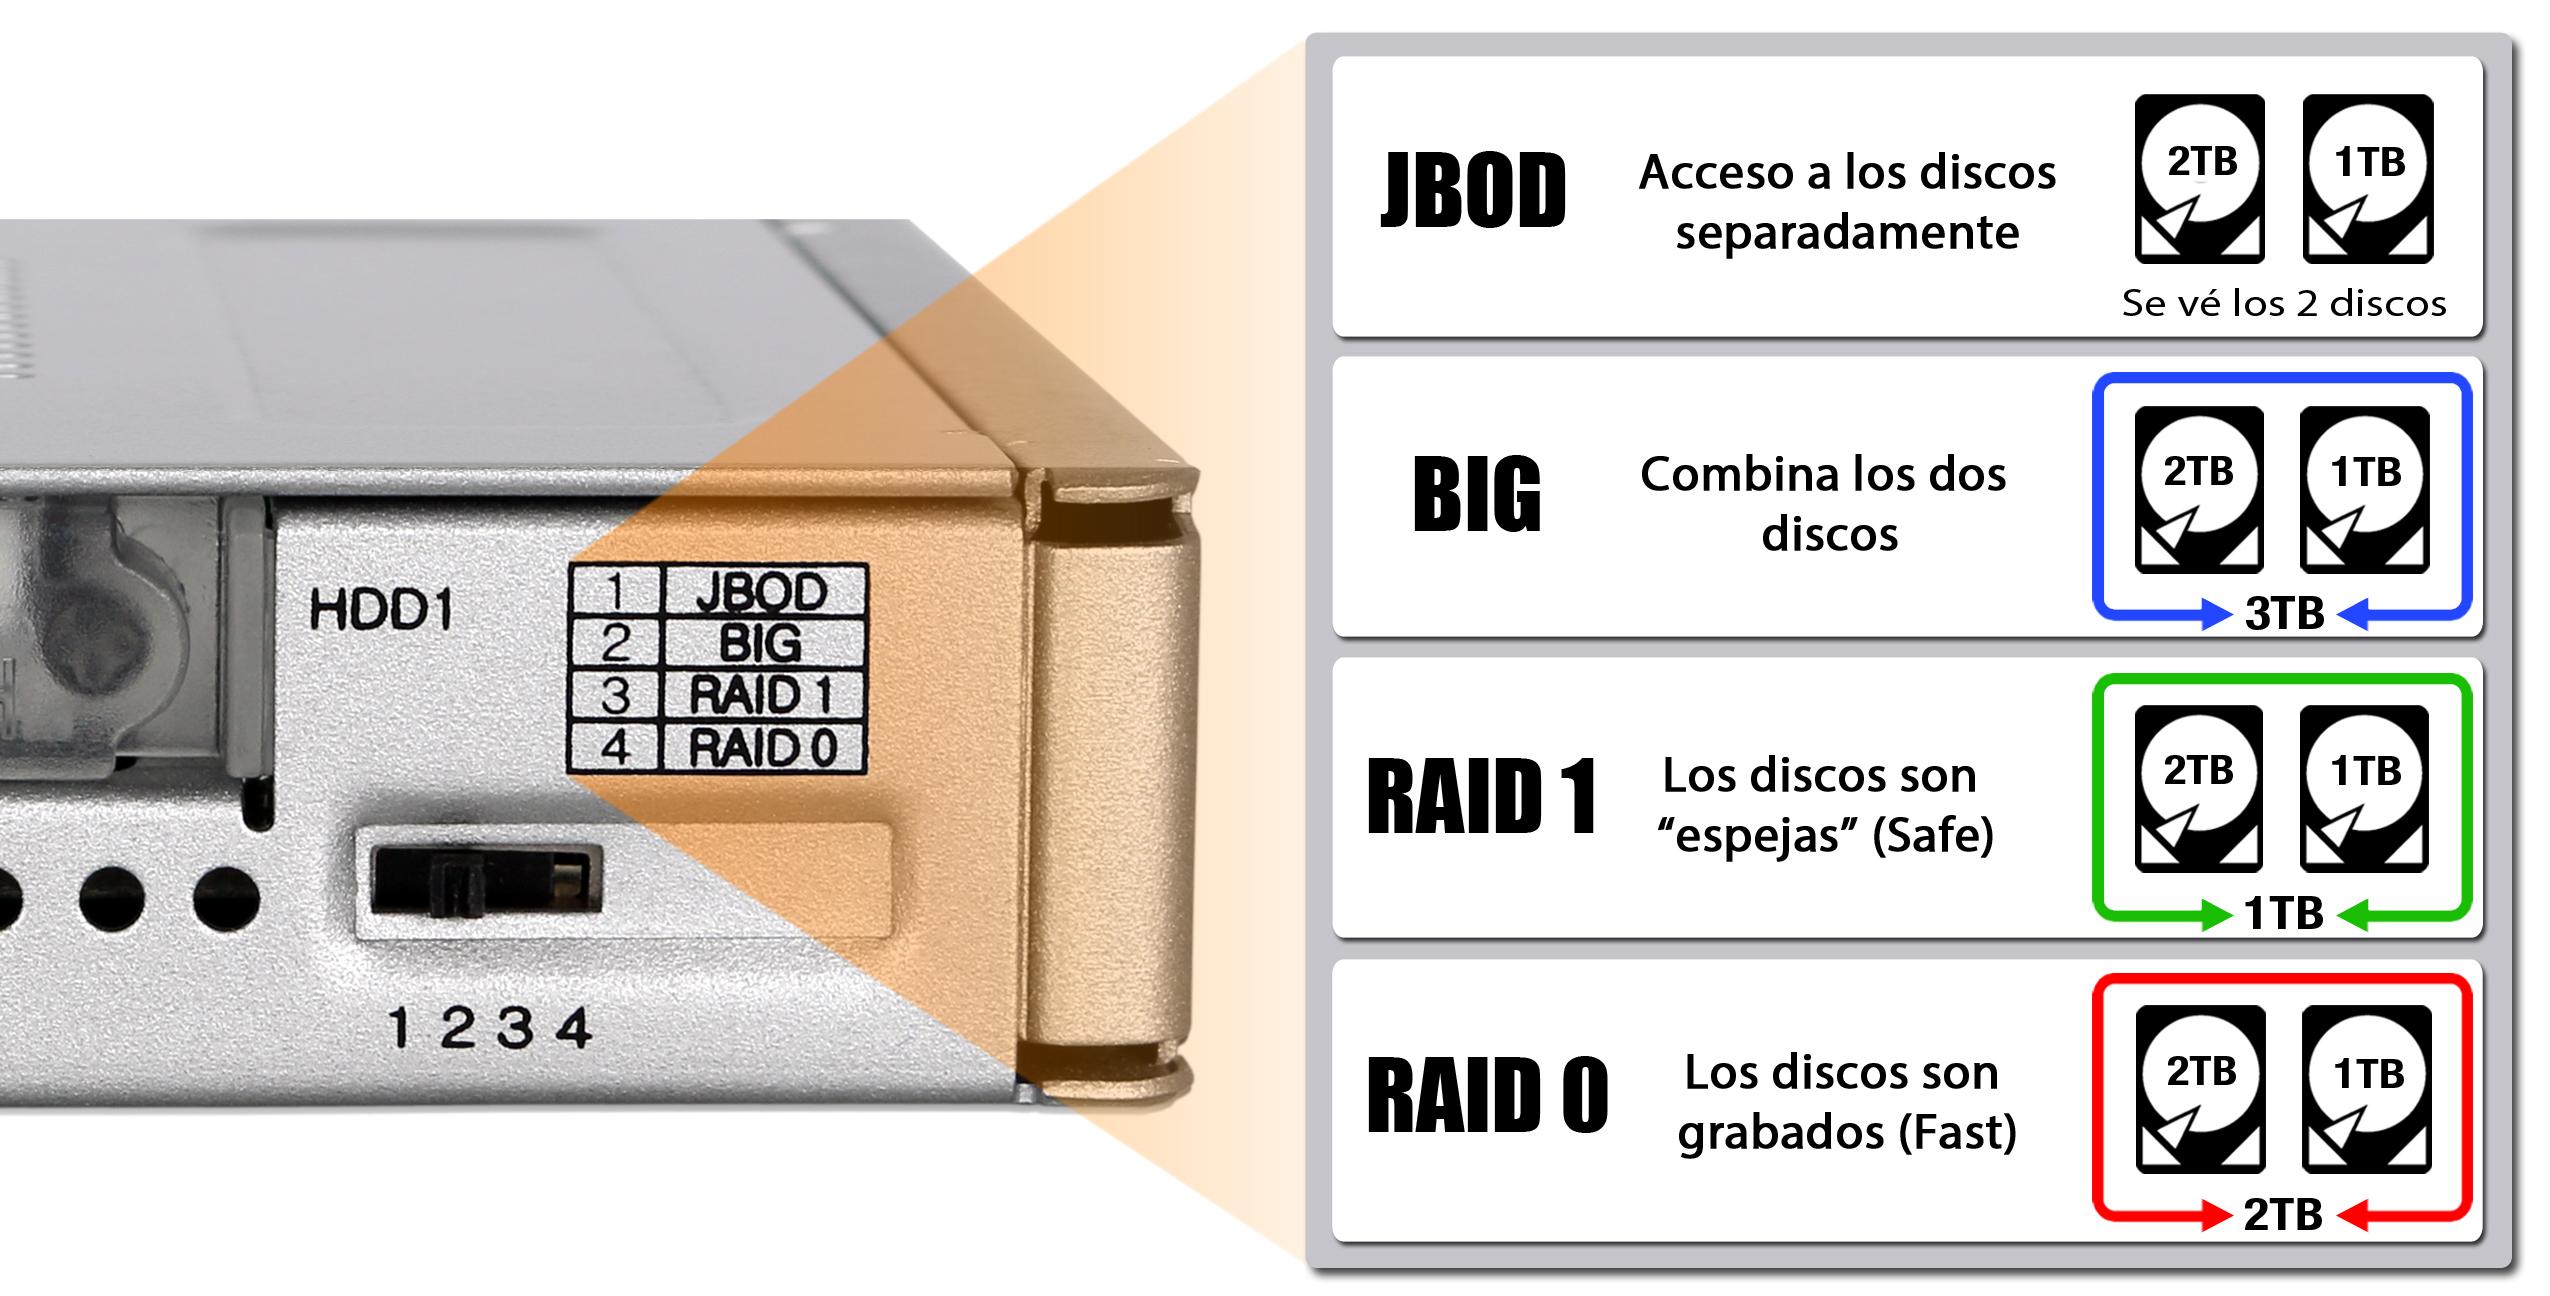 Foto de los 4 modos del MB982SPR-2S R1: JBOD, BIG, RAID 1 y RAID 0